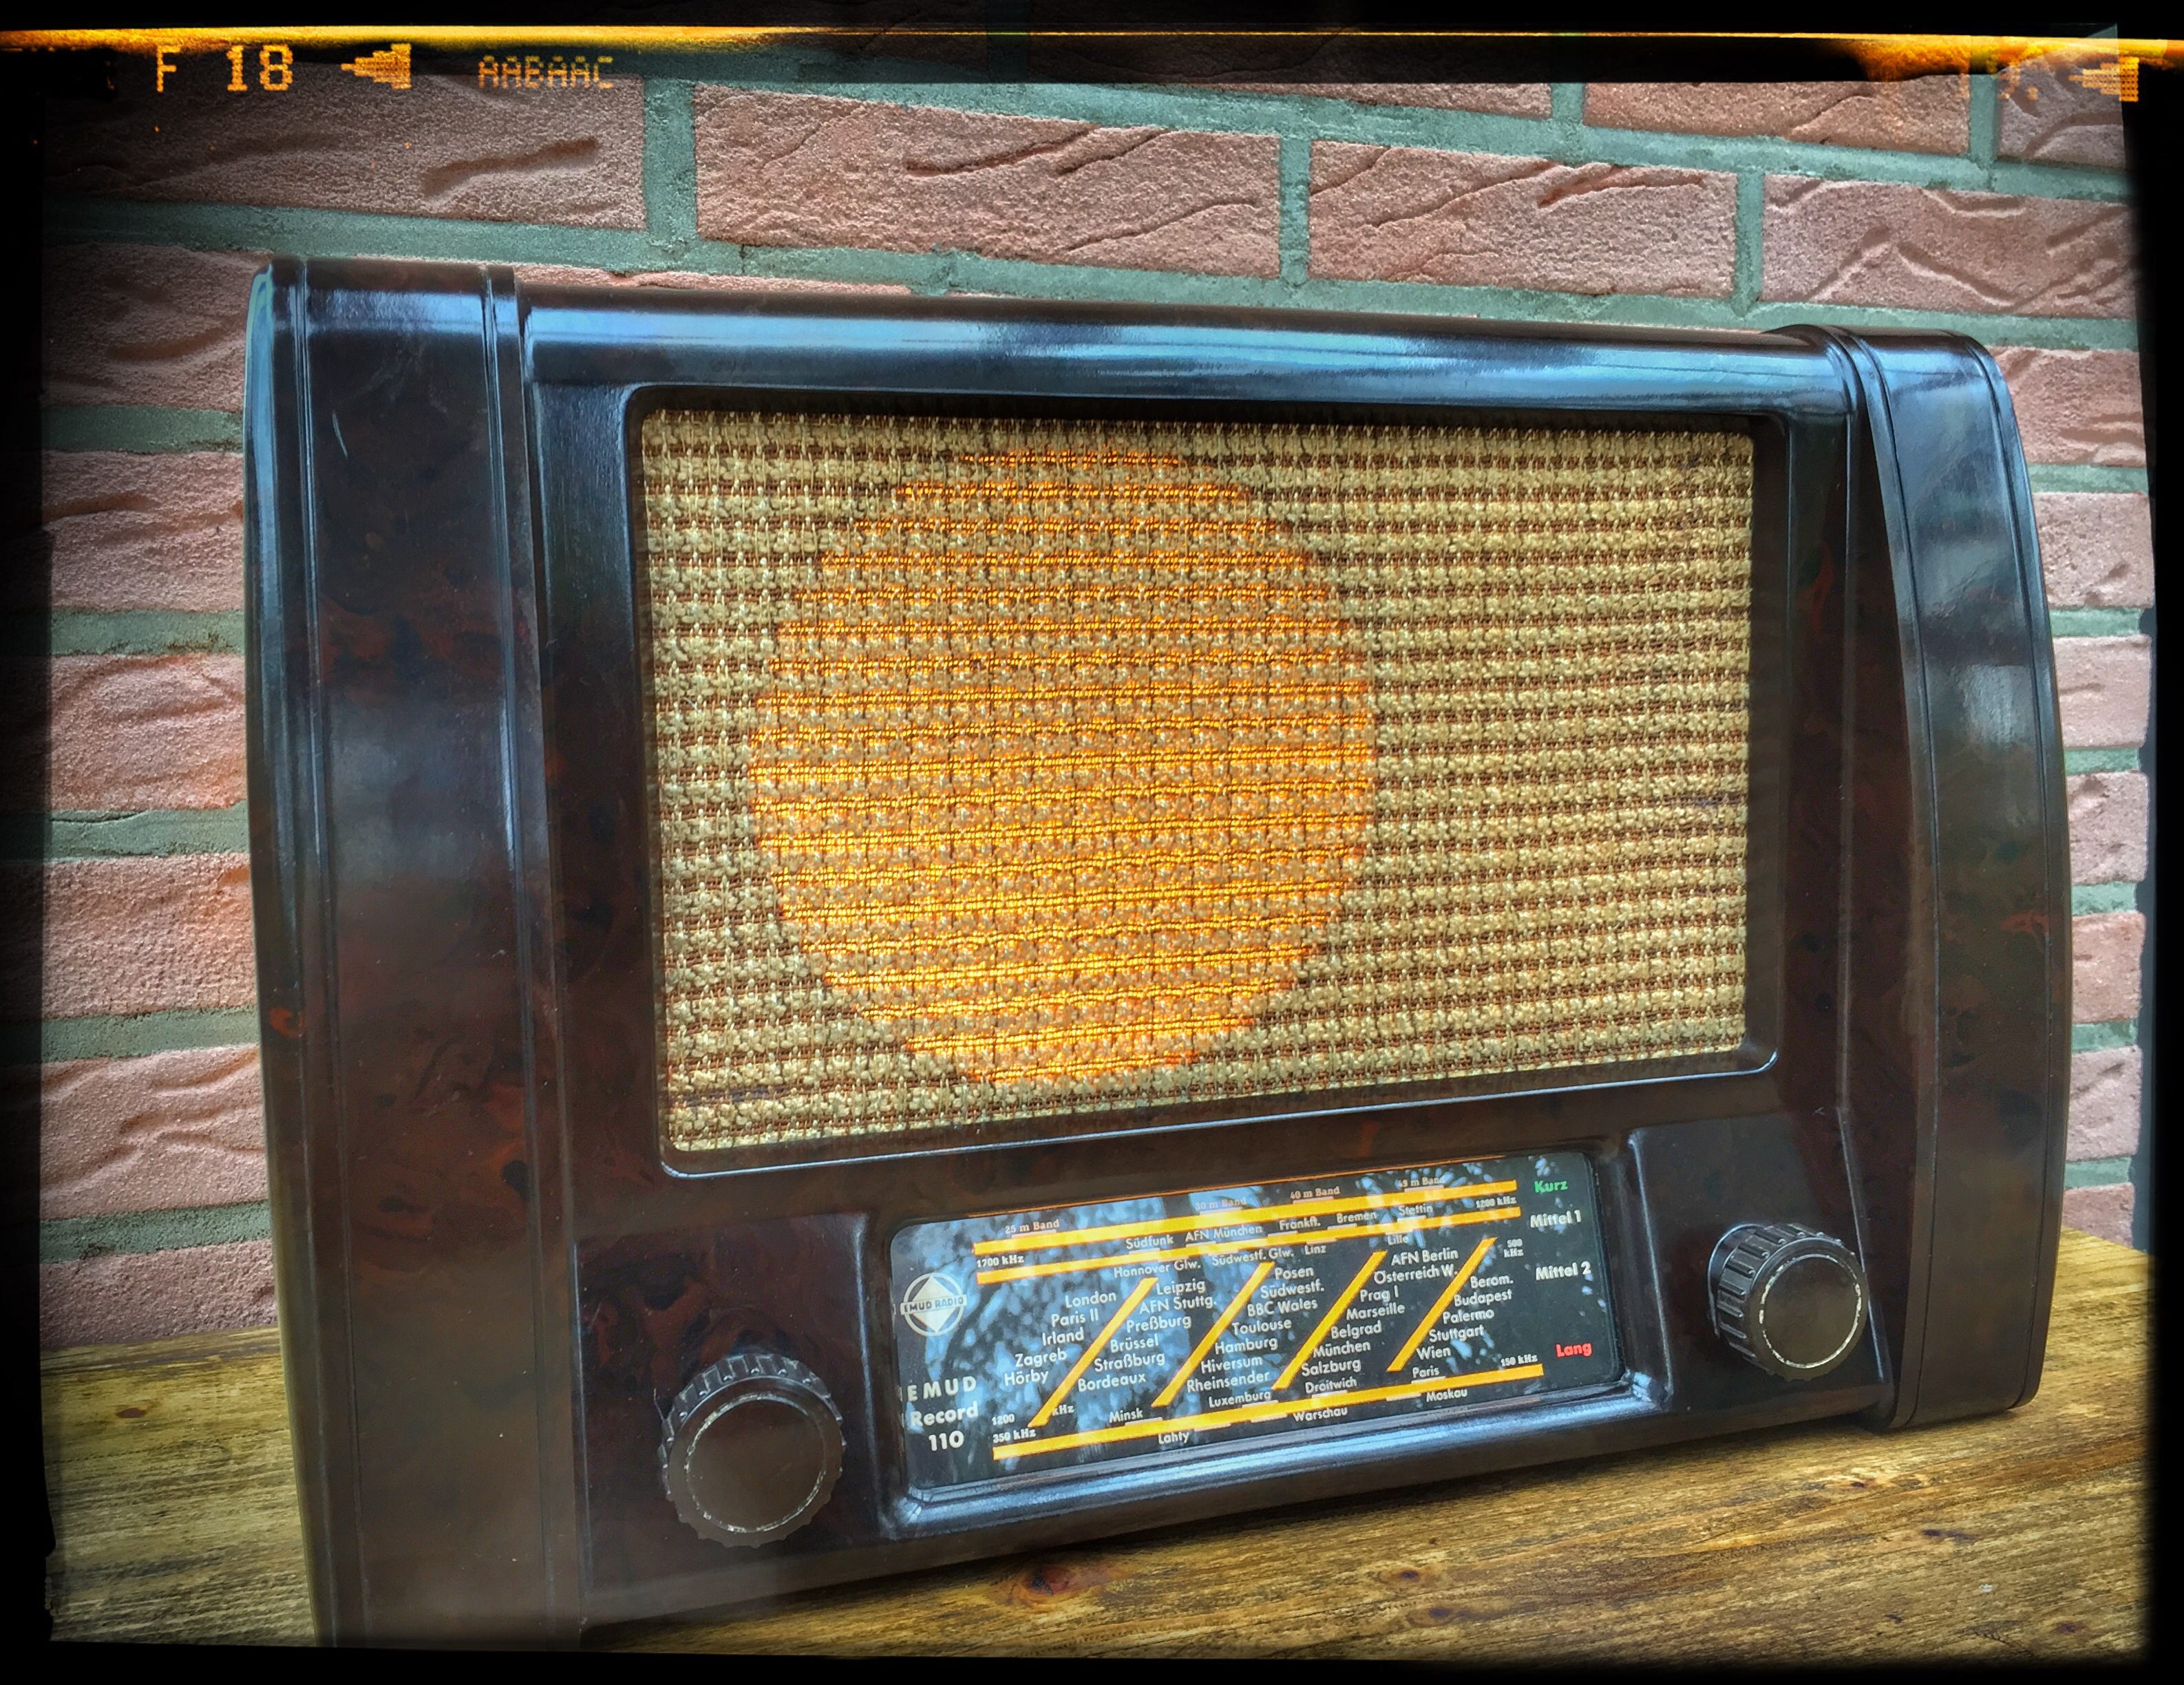 1950er Jahre Bakelit Röhrenradio zur Lampe umgebaut